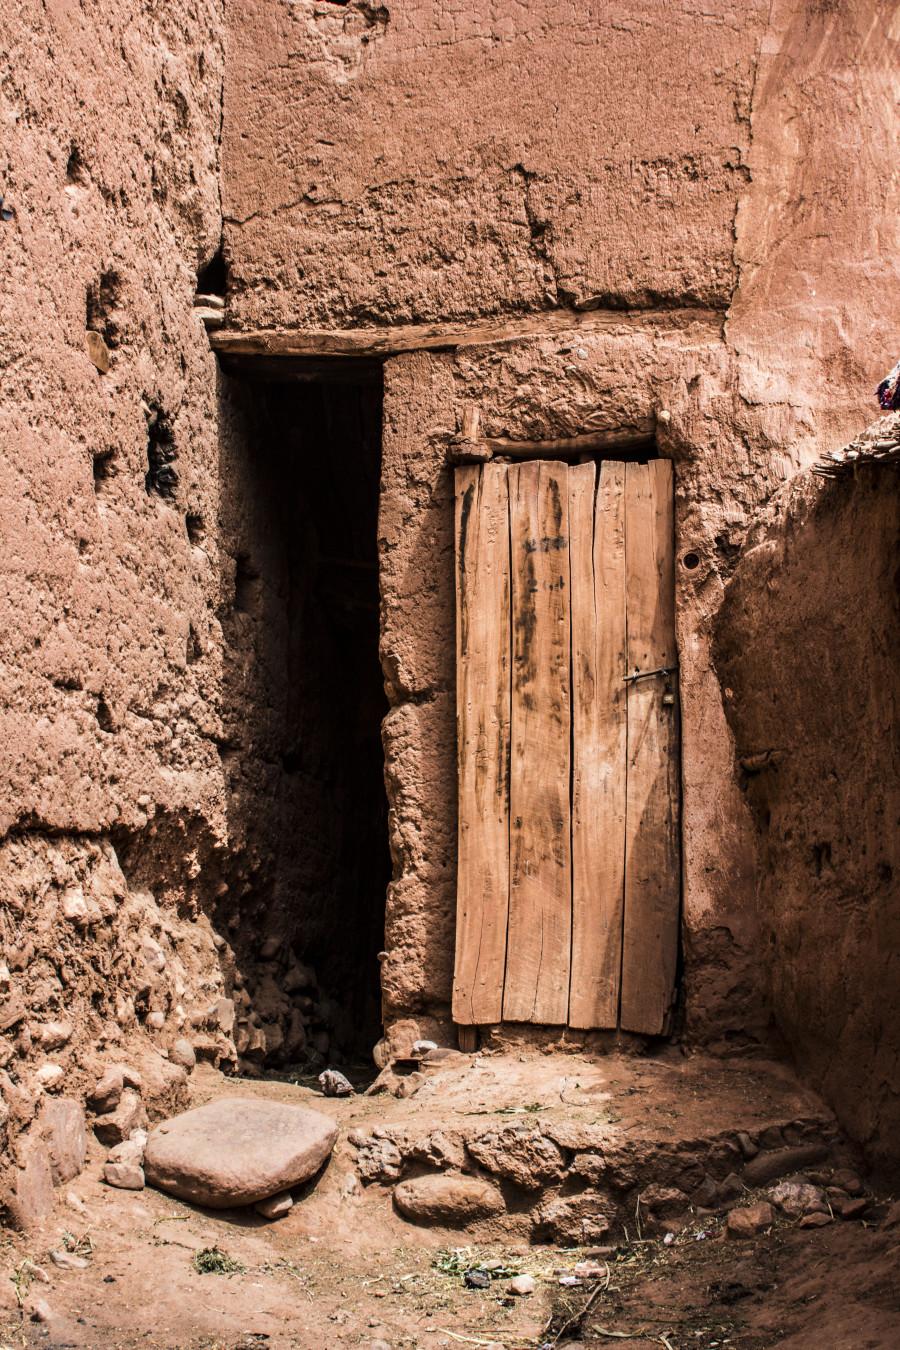 arquitectura de tierra en Marruecos_María Jesús Mora_Arquitecto_Fotógrafo_Alicante 5